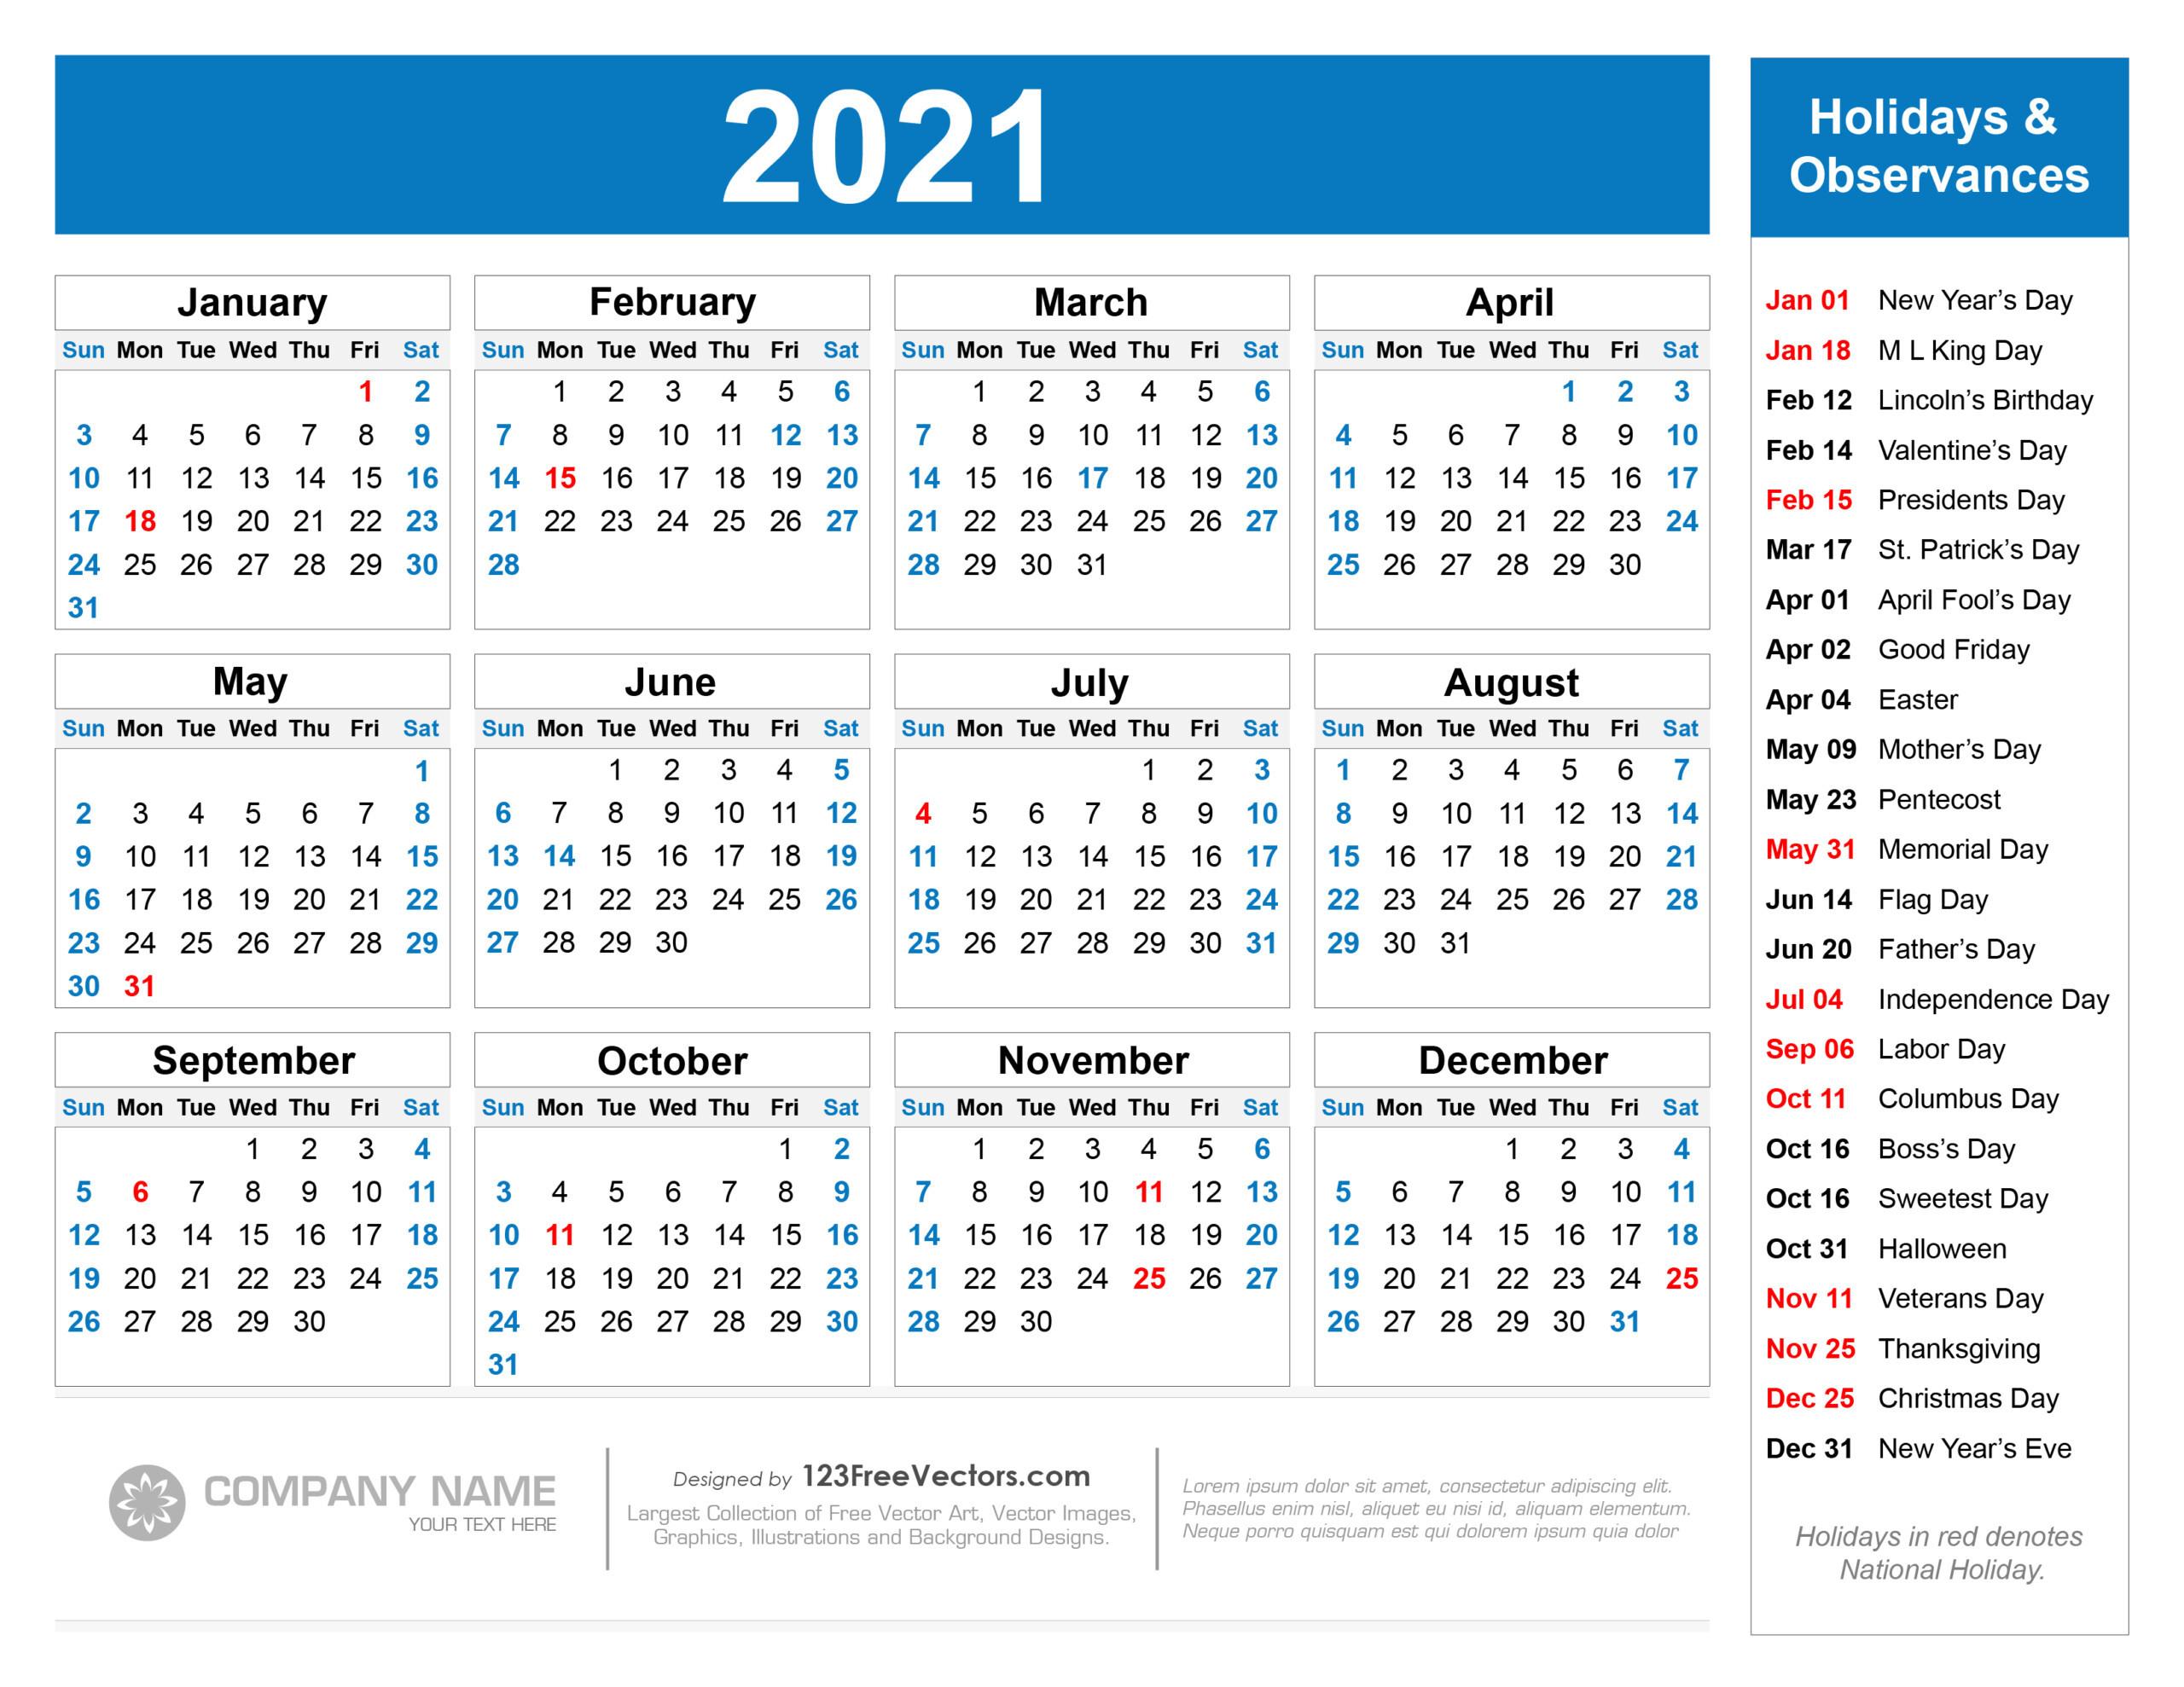 Printable 2021 And 2021 Calendar With Holidays | 2021-Printable Calendar 2021 With Major Holidays